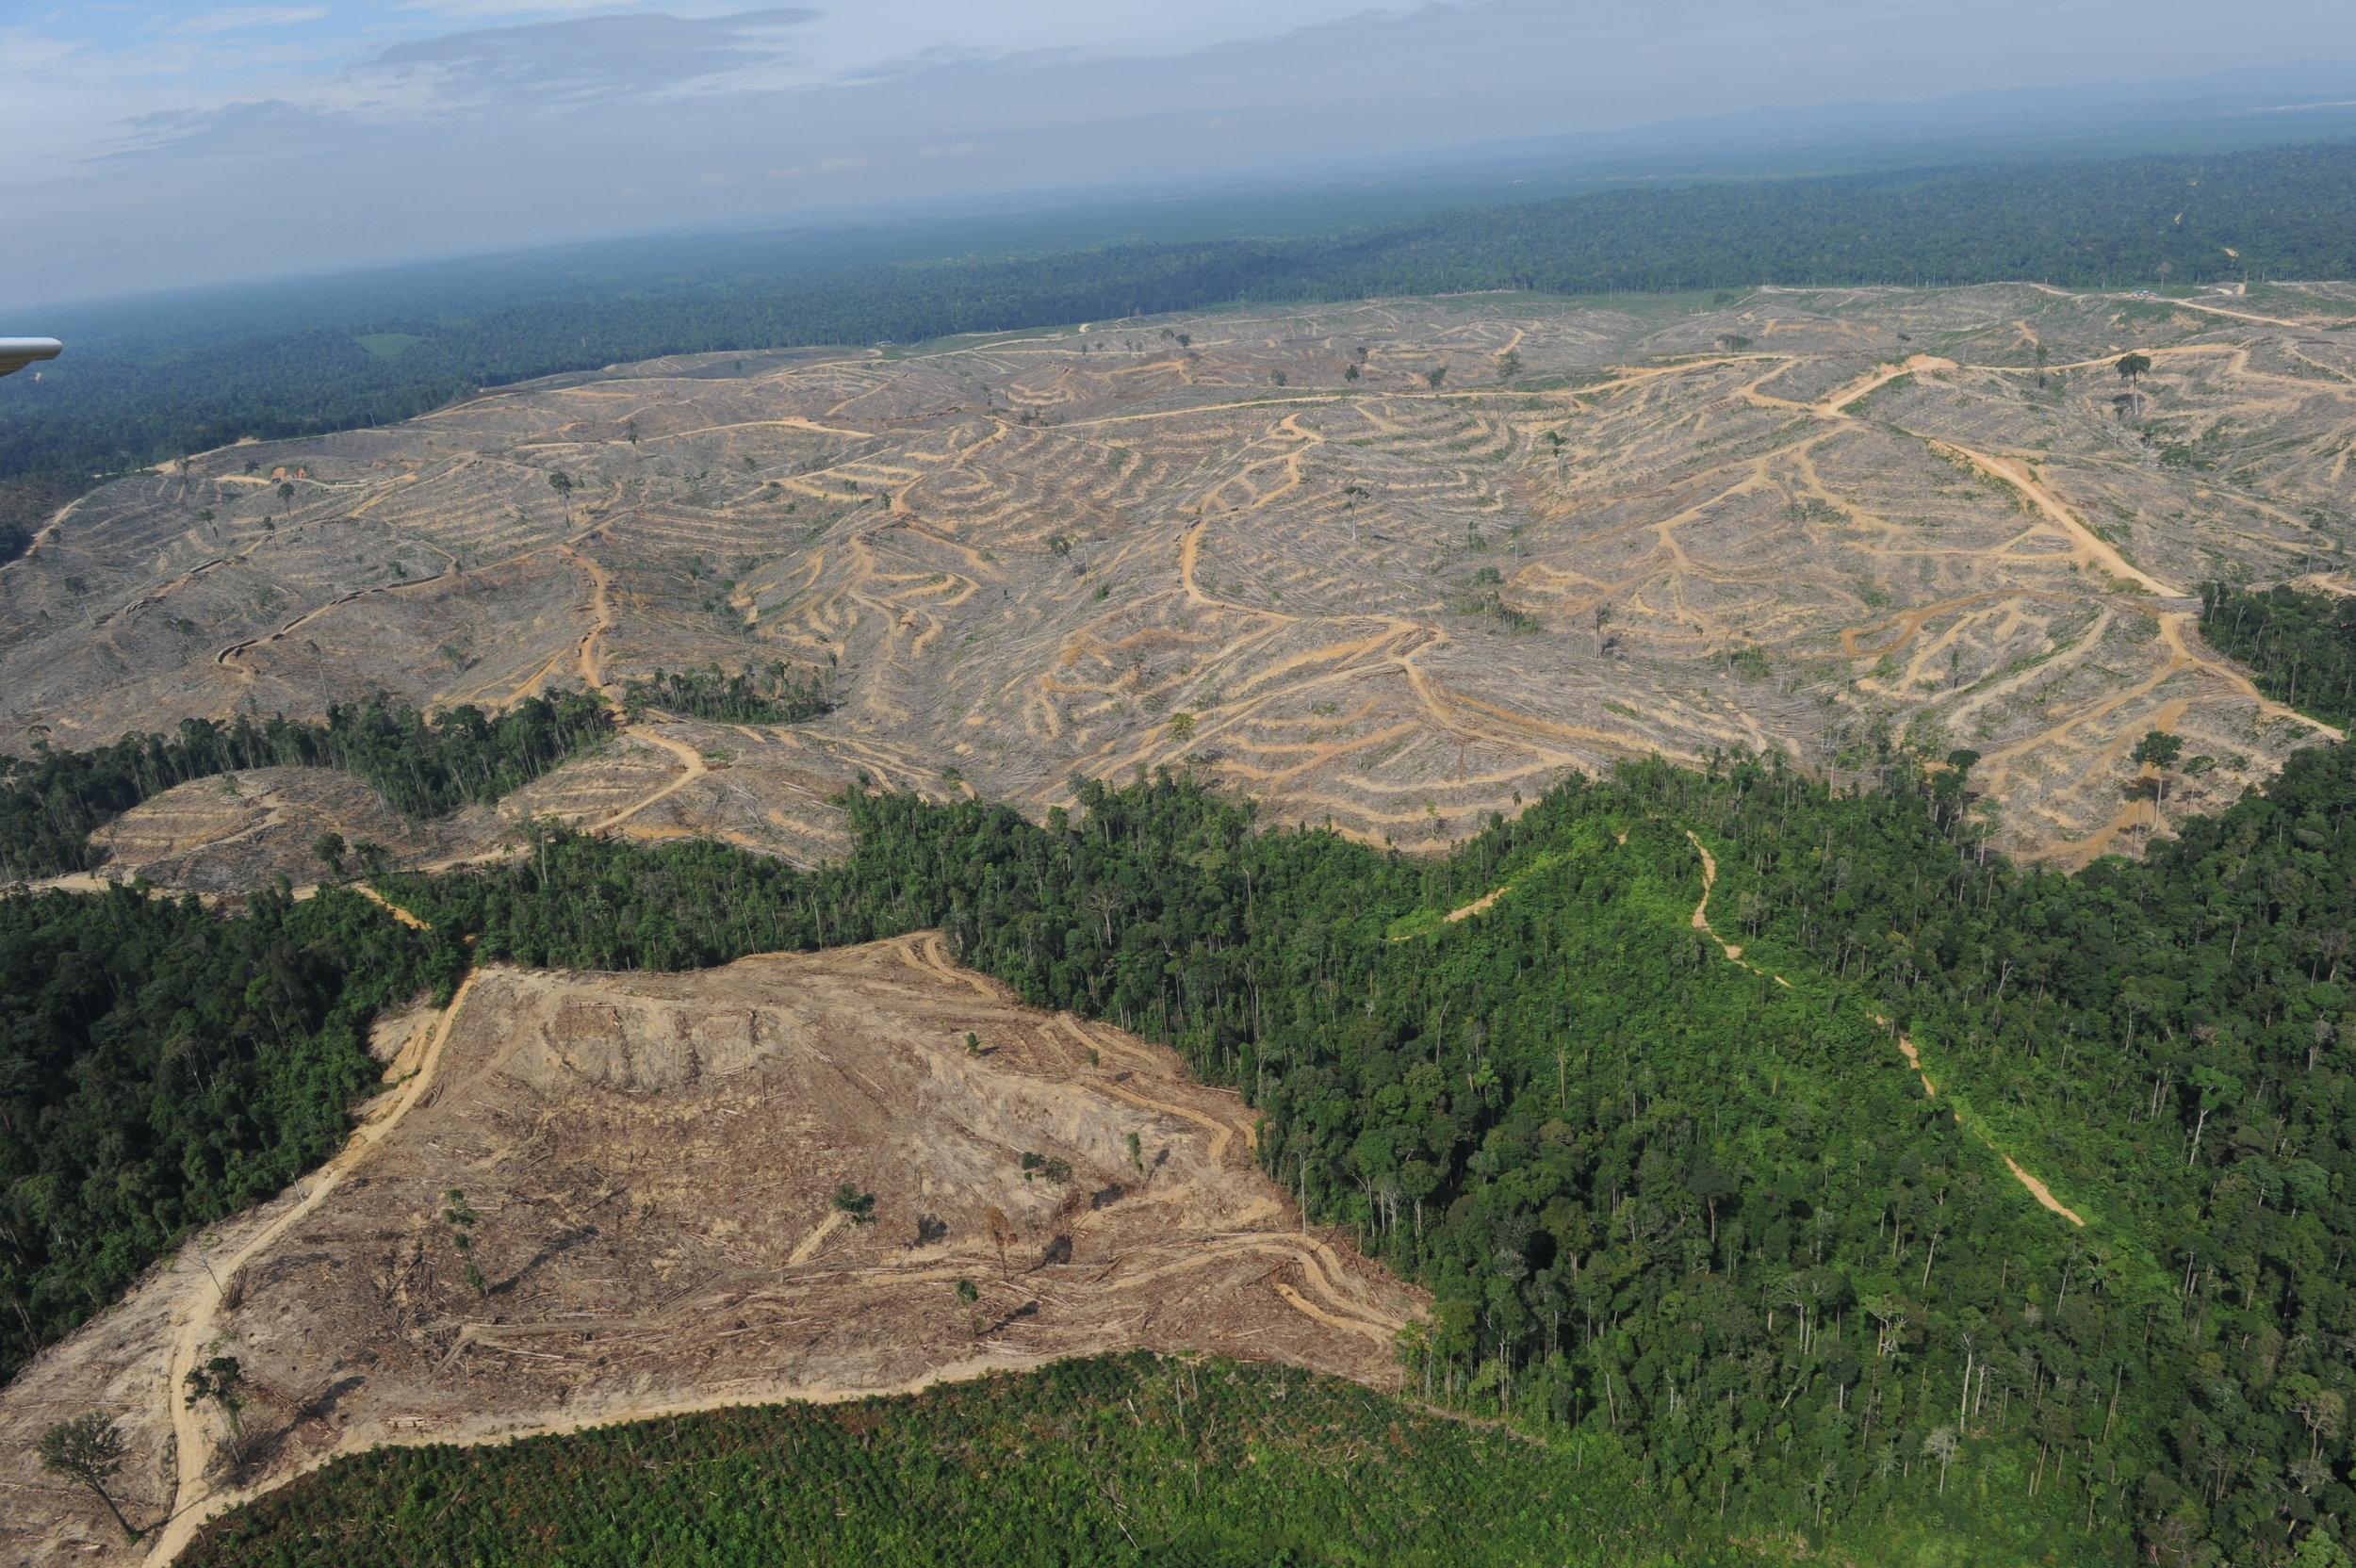 sumatra_deforestation1_custom-39040cba07f740c9627ec3f75c5fd0982029db73.jpg